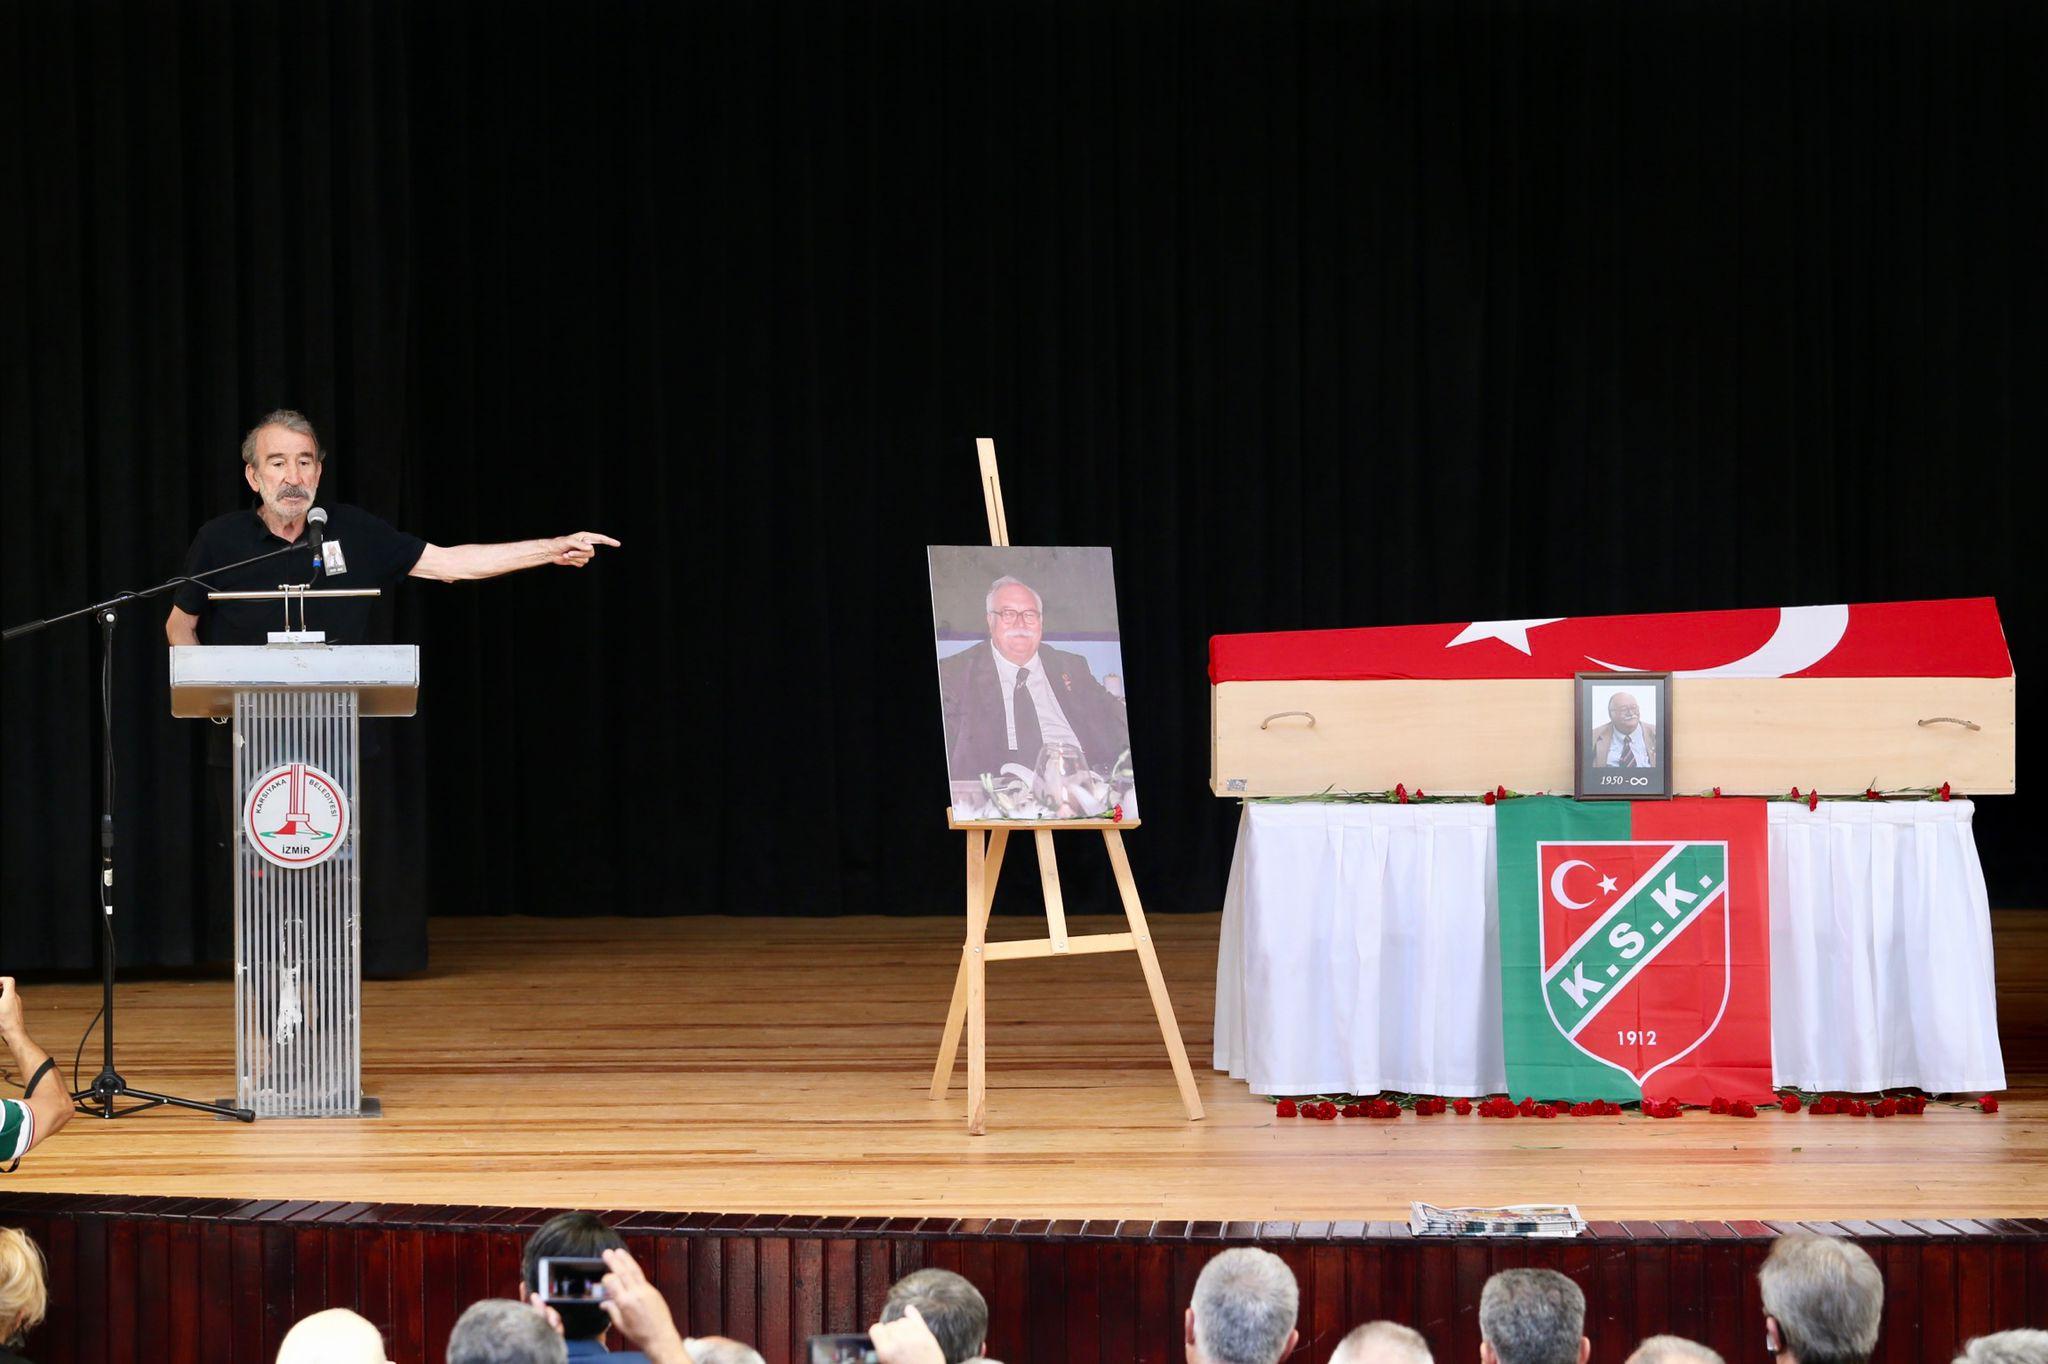 Karşıyaka Belediyesi, Sancar Maruflu İçin Cenaze Öncesi Saygı Etkinliği Gerçekleştirdi